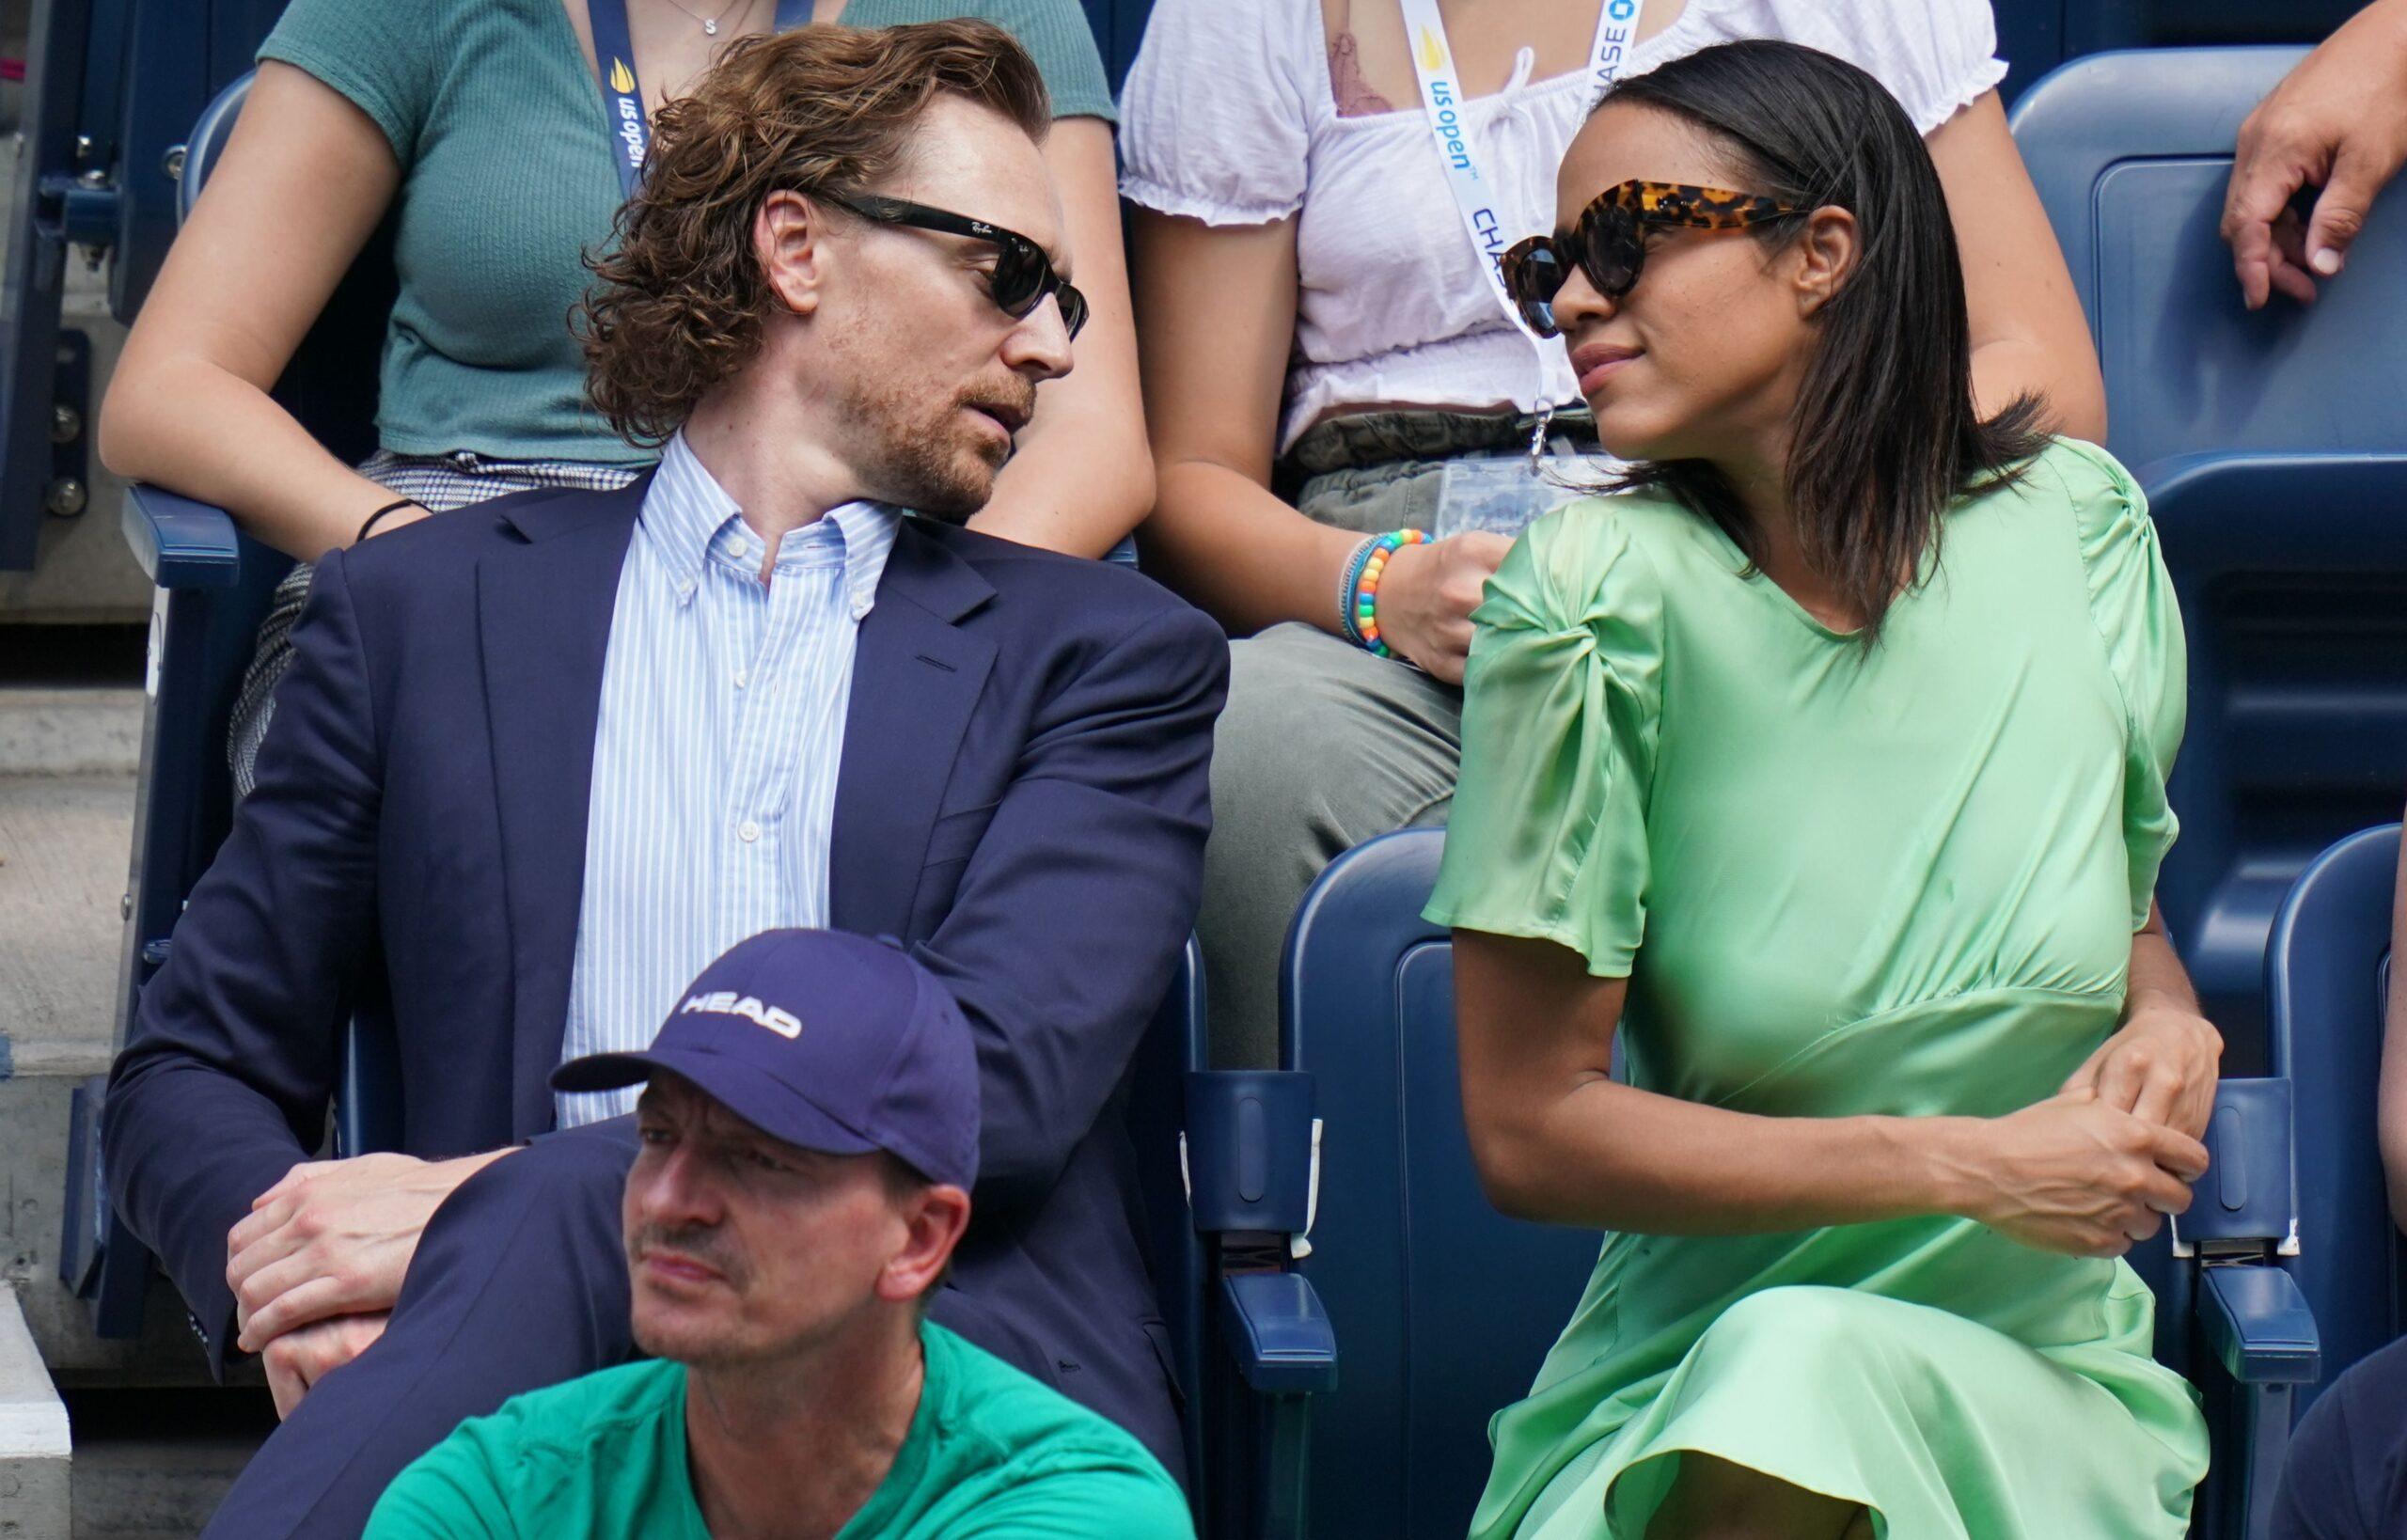 Tom-Hiddleston-caught-moving-in-with-co-star-Zawe-Ashton-in-Atlanta-5